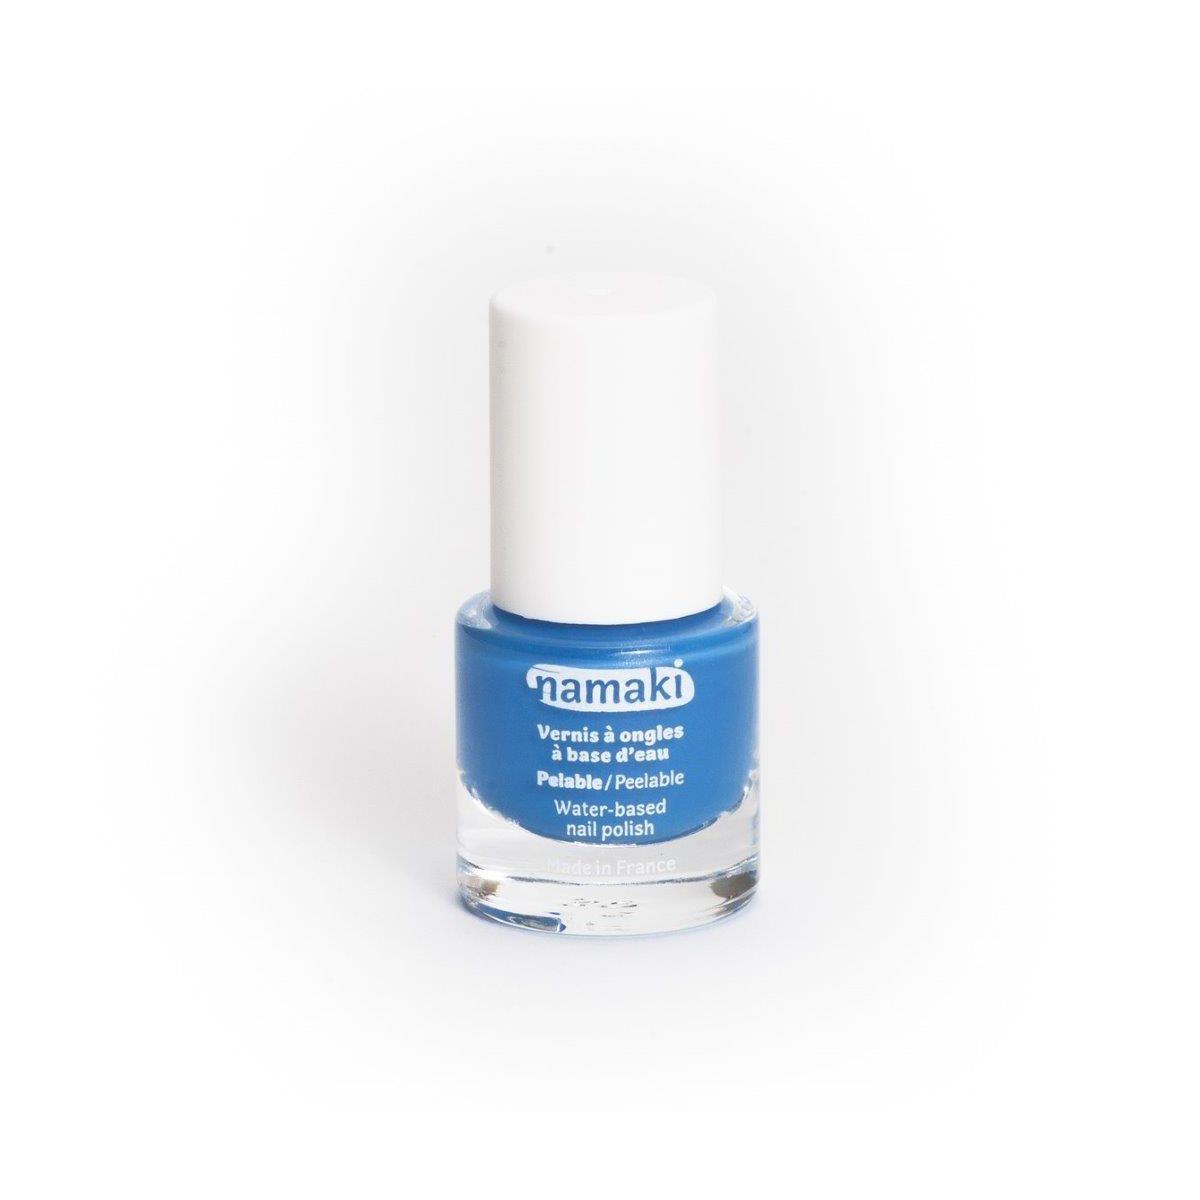 vernis ongles pour enfant 08 bleu ciel partir de 3 ans sebio